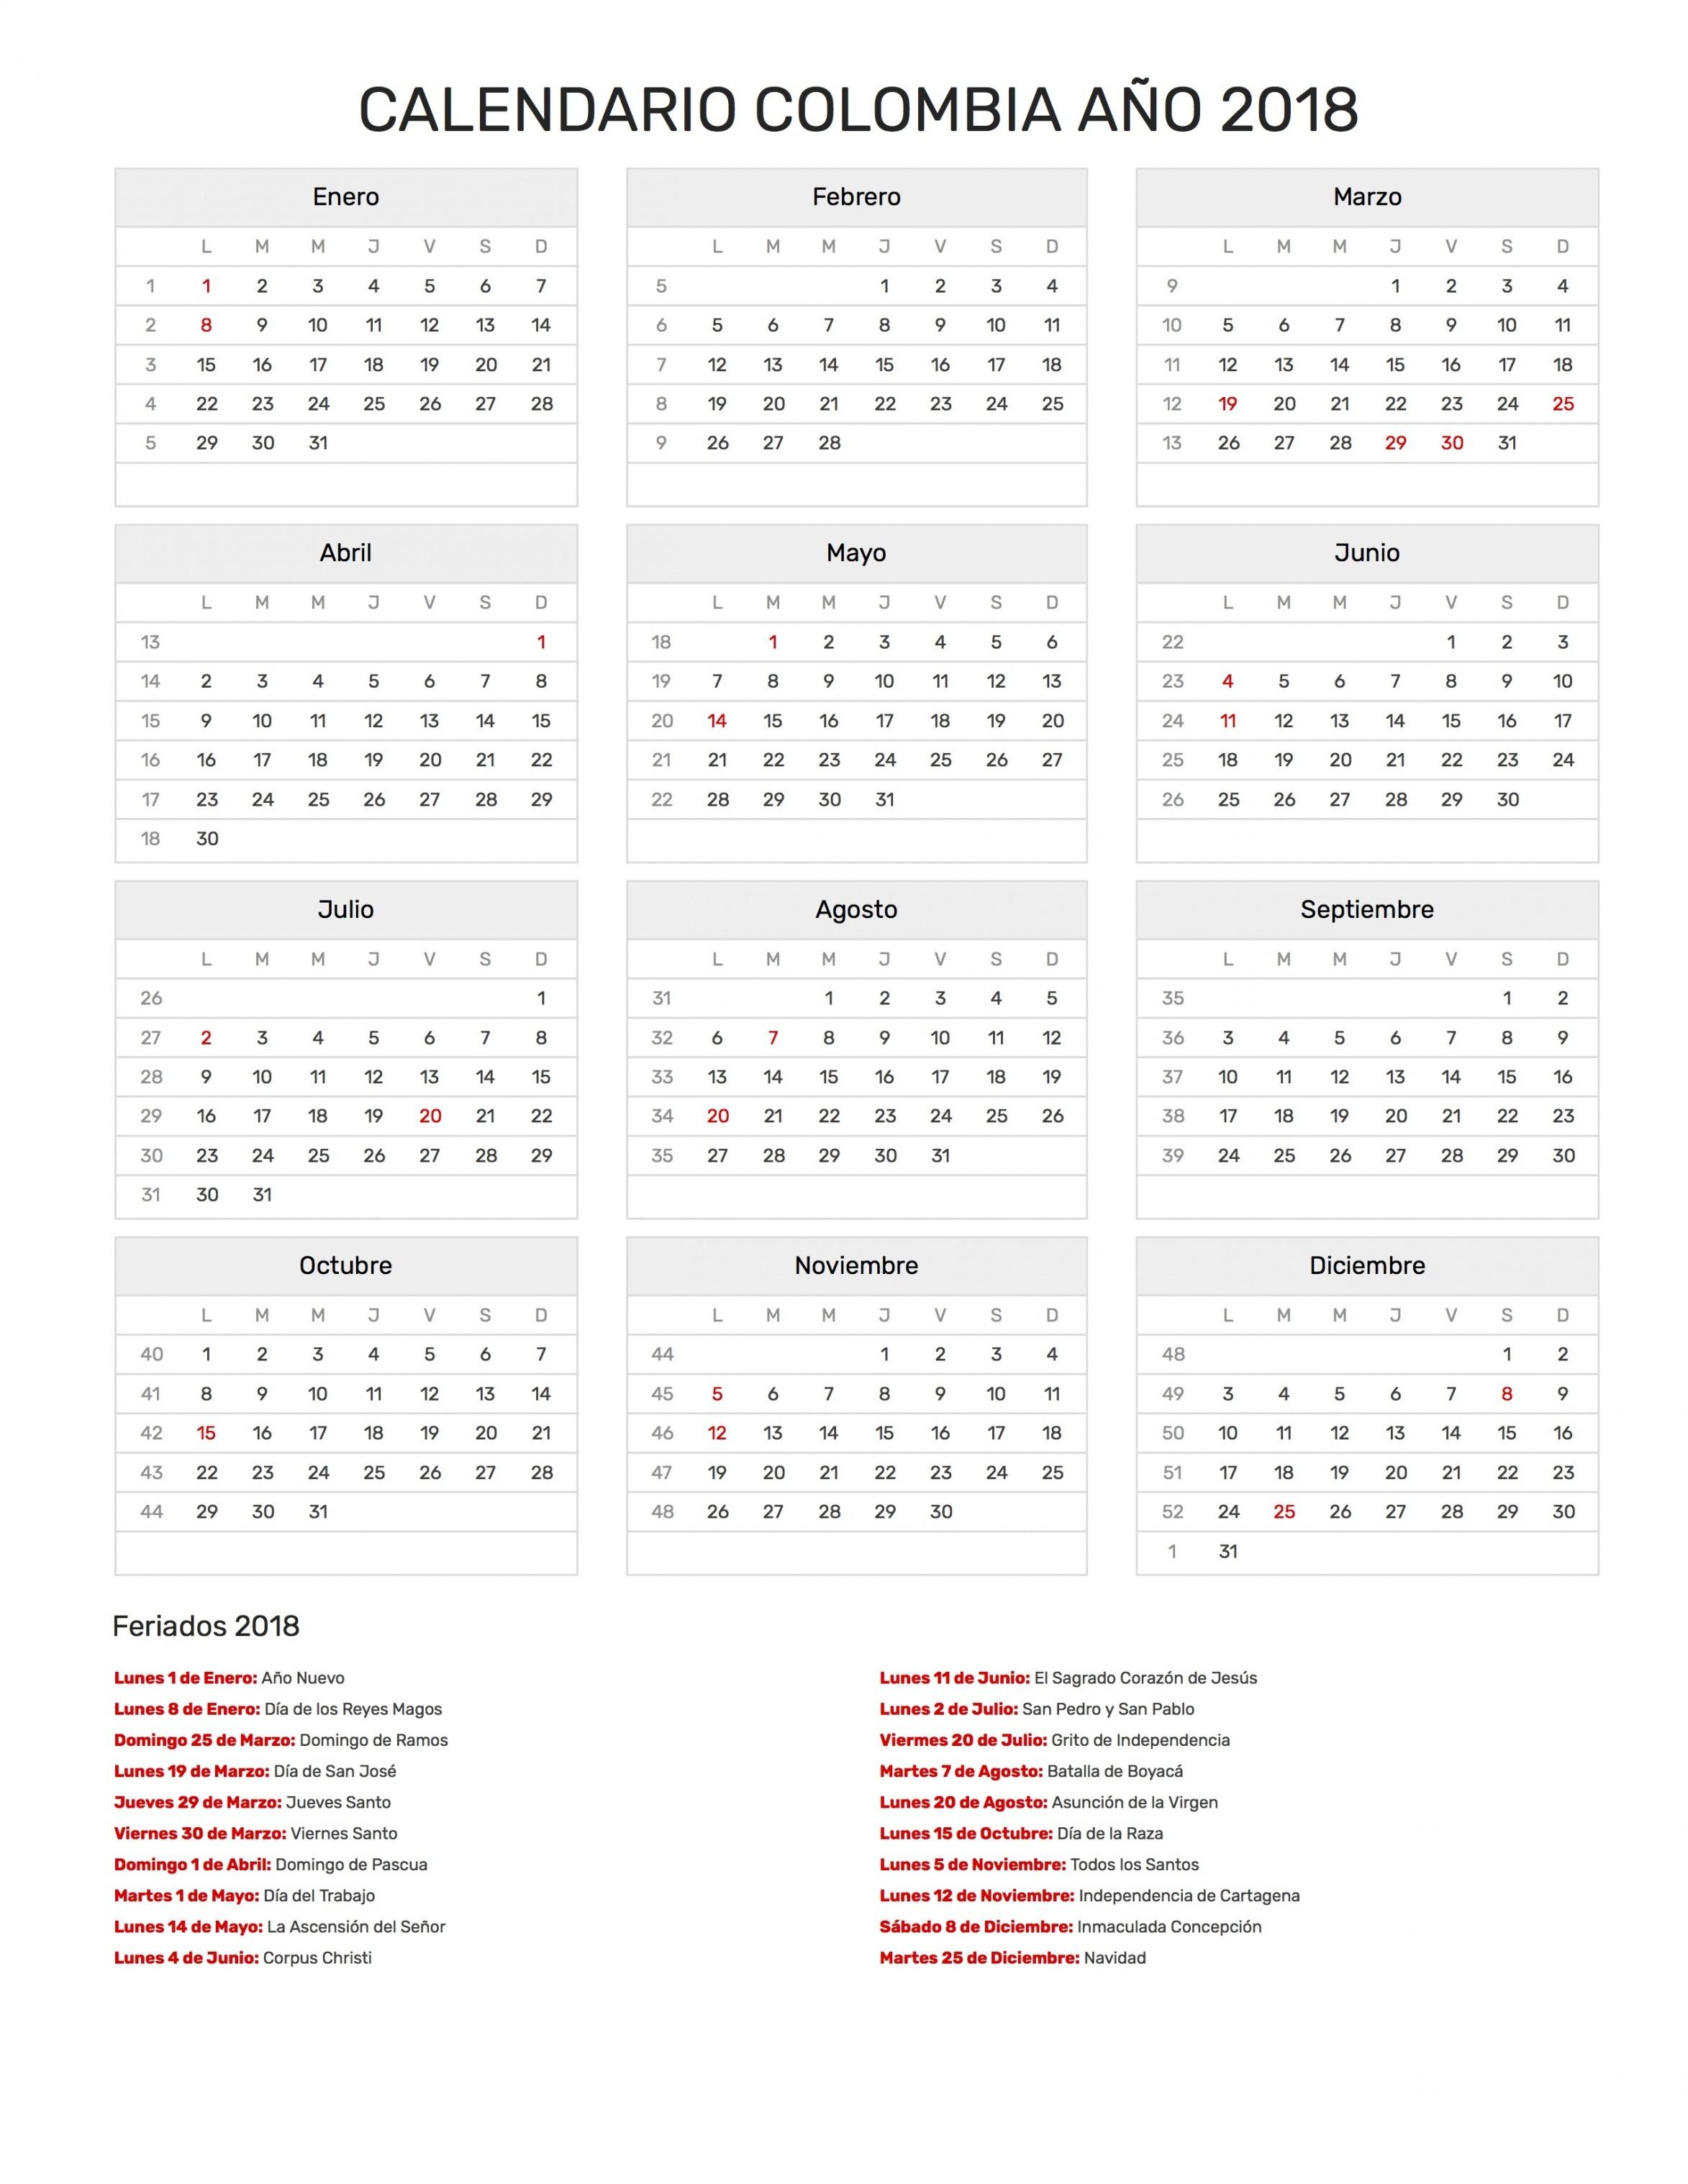 Calendario Semana Santa En 2019 Más Arriba-a-fecha Calendario 2018 Con Festivos — Fiesta De Lamusica Medellin Of Calendario Semana Santa En 2019 Más Recientemente Liberado Poster De Cuaresma Cruz Morada Hecha De Papel De Seda Miércoles De